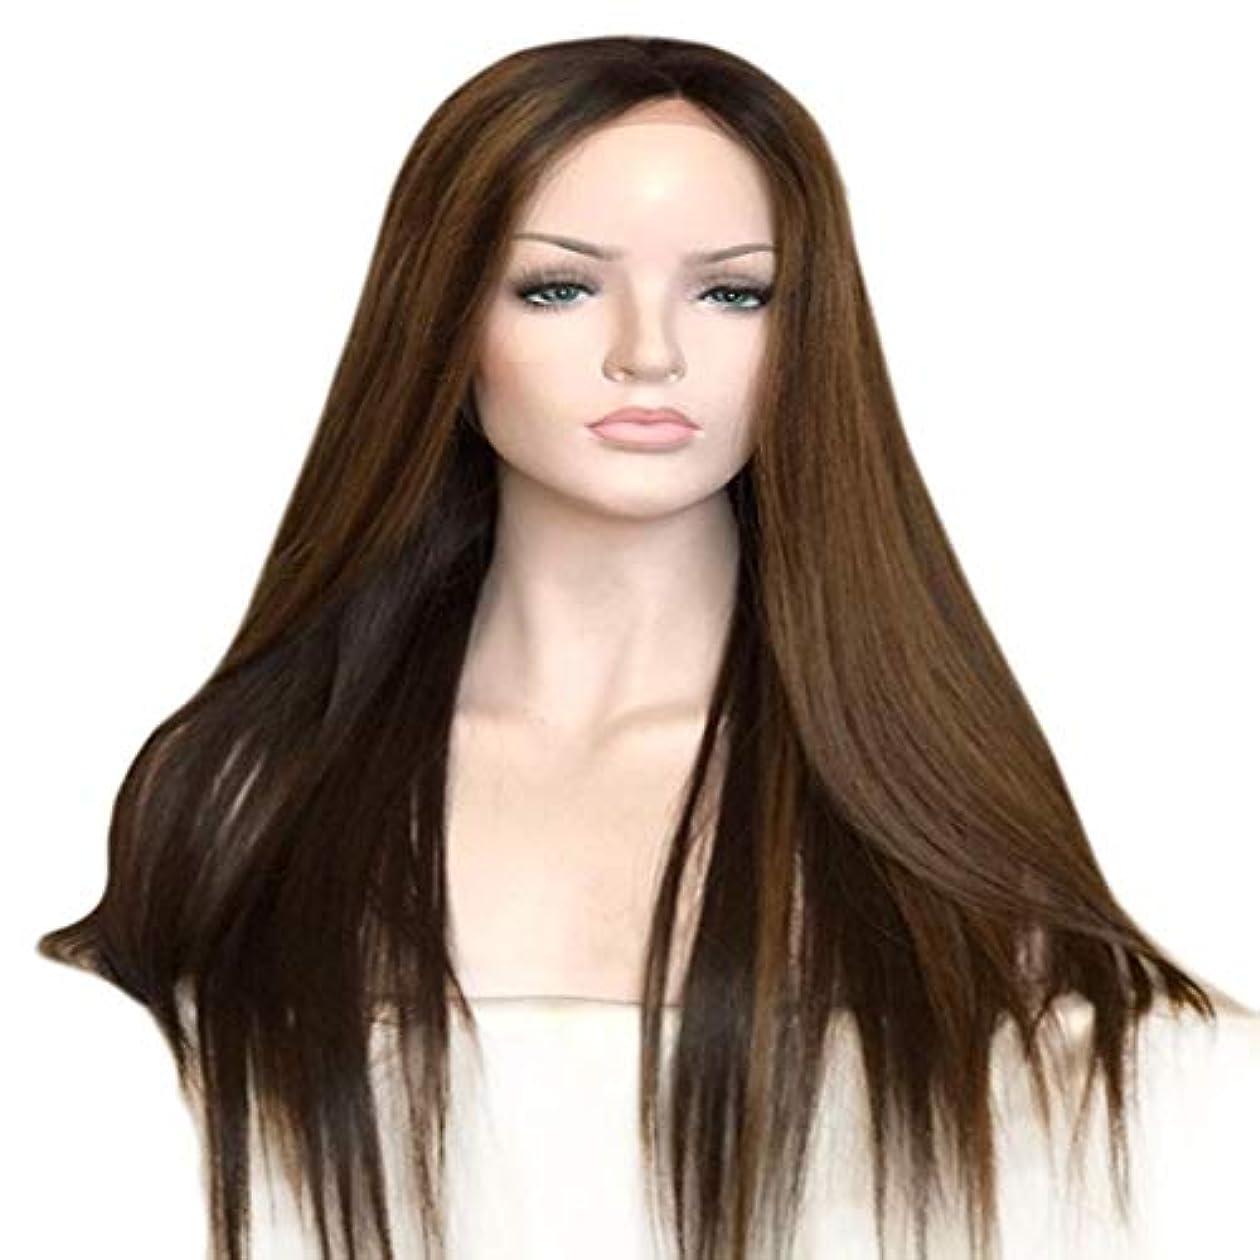 見える運命的なスクリューKoloeplf レディースウィッグロングストレートウィッグヘア100%合成耐熱性ストレートウィッグ女性用 (Size : 65cm)